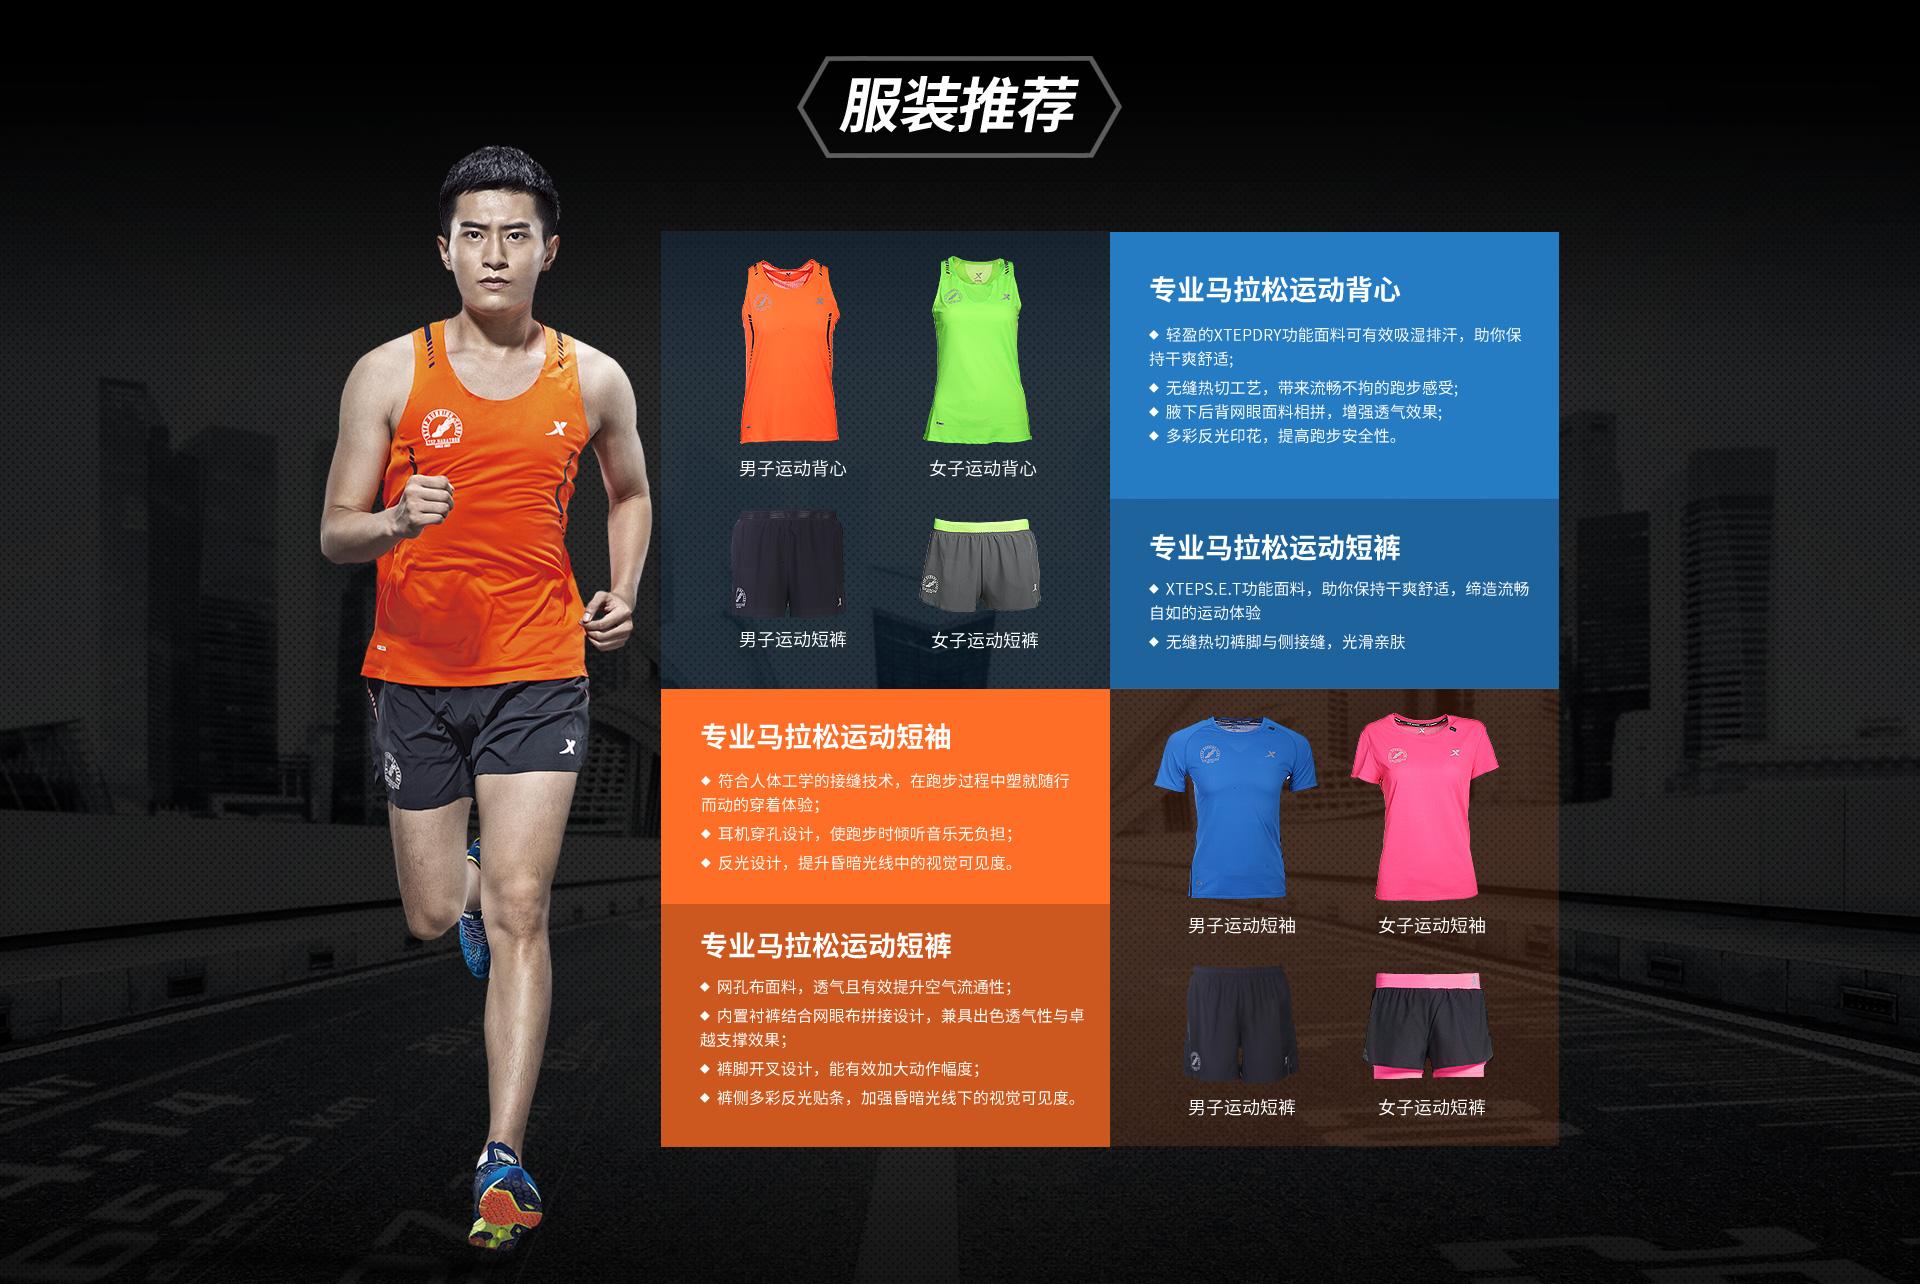 特步马拉松专业服装